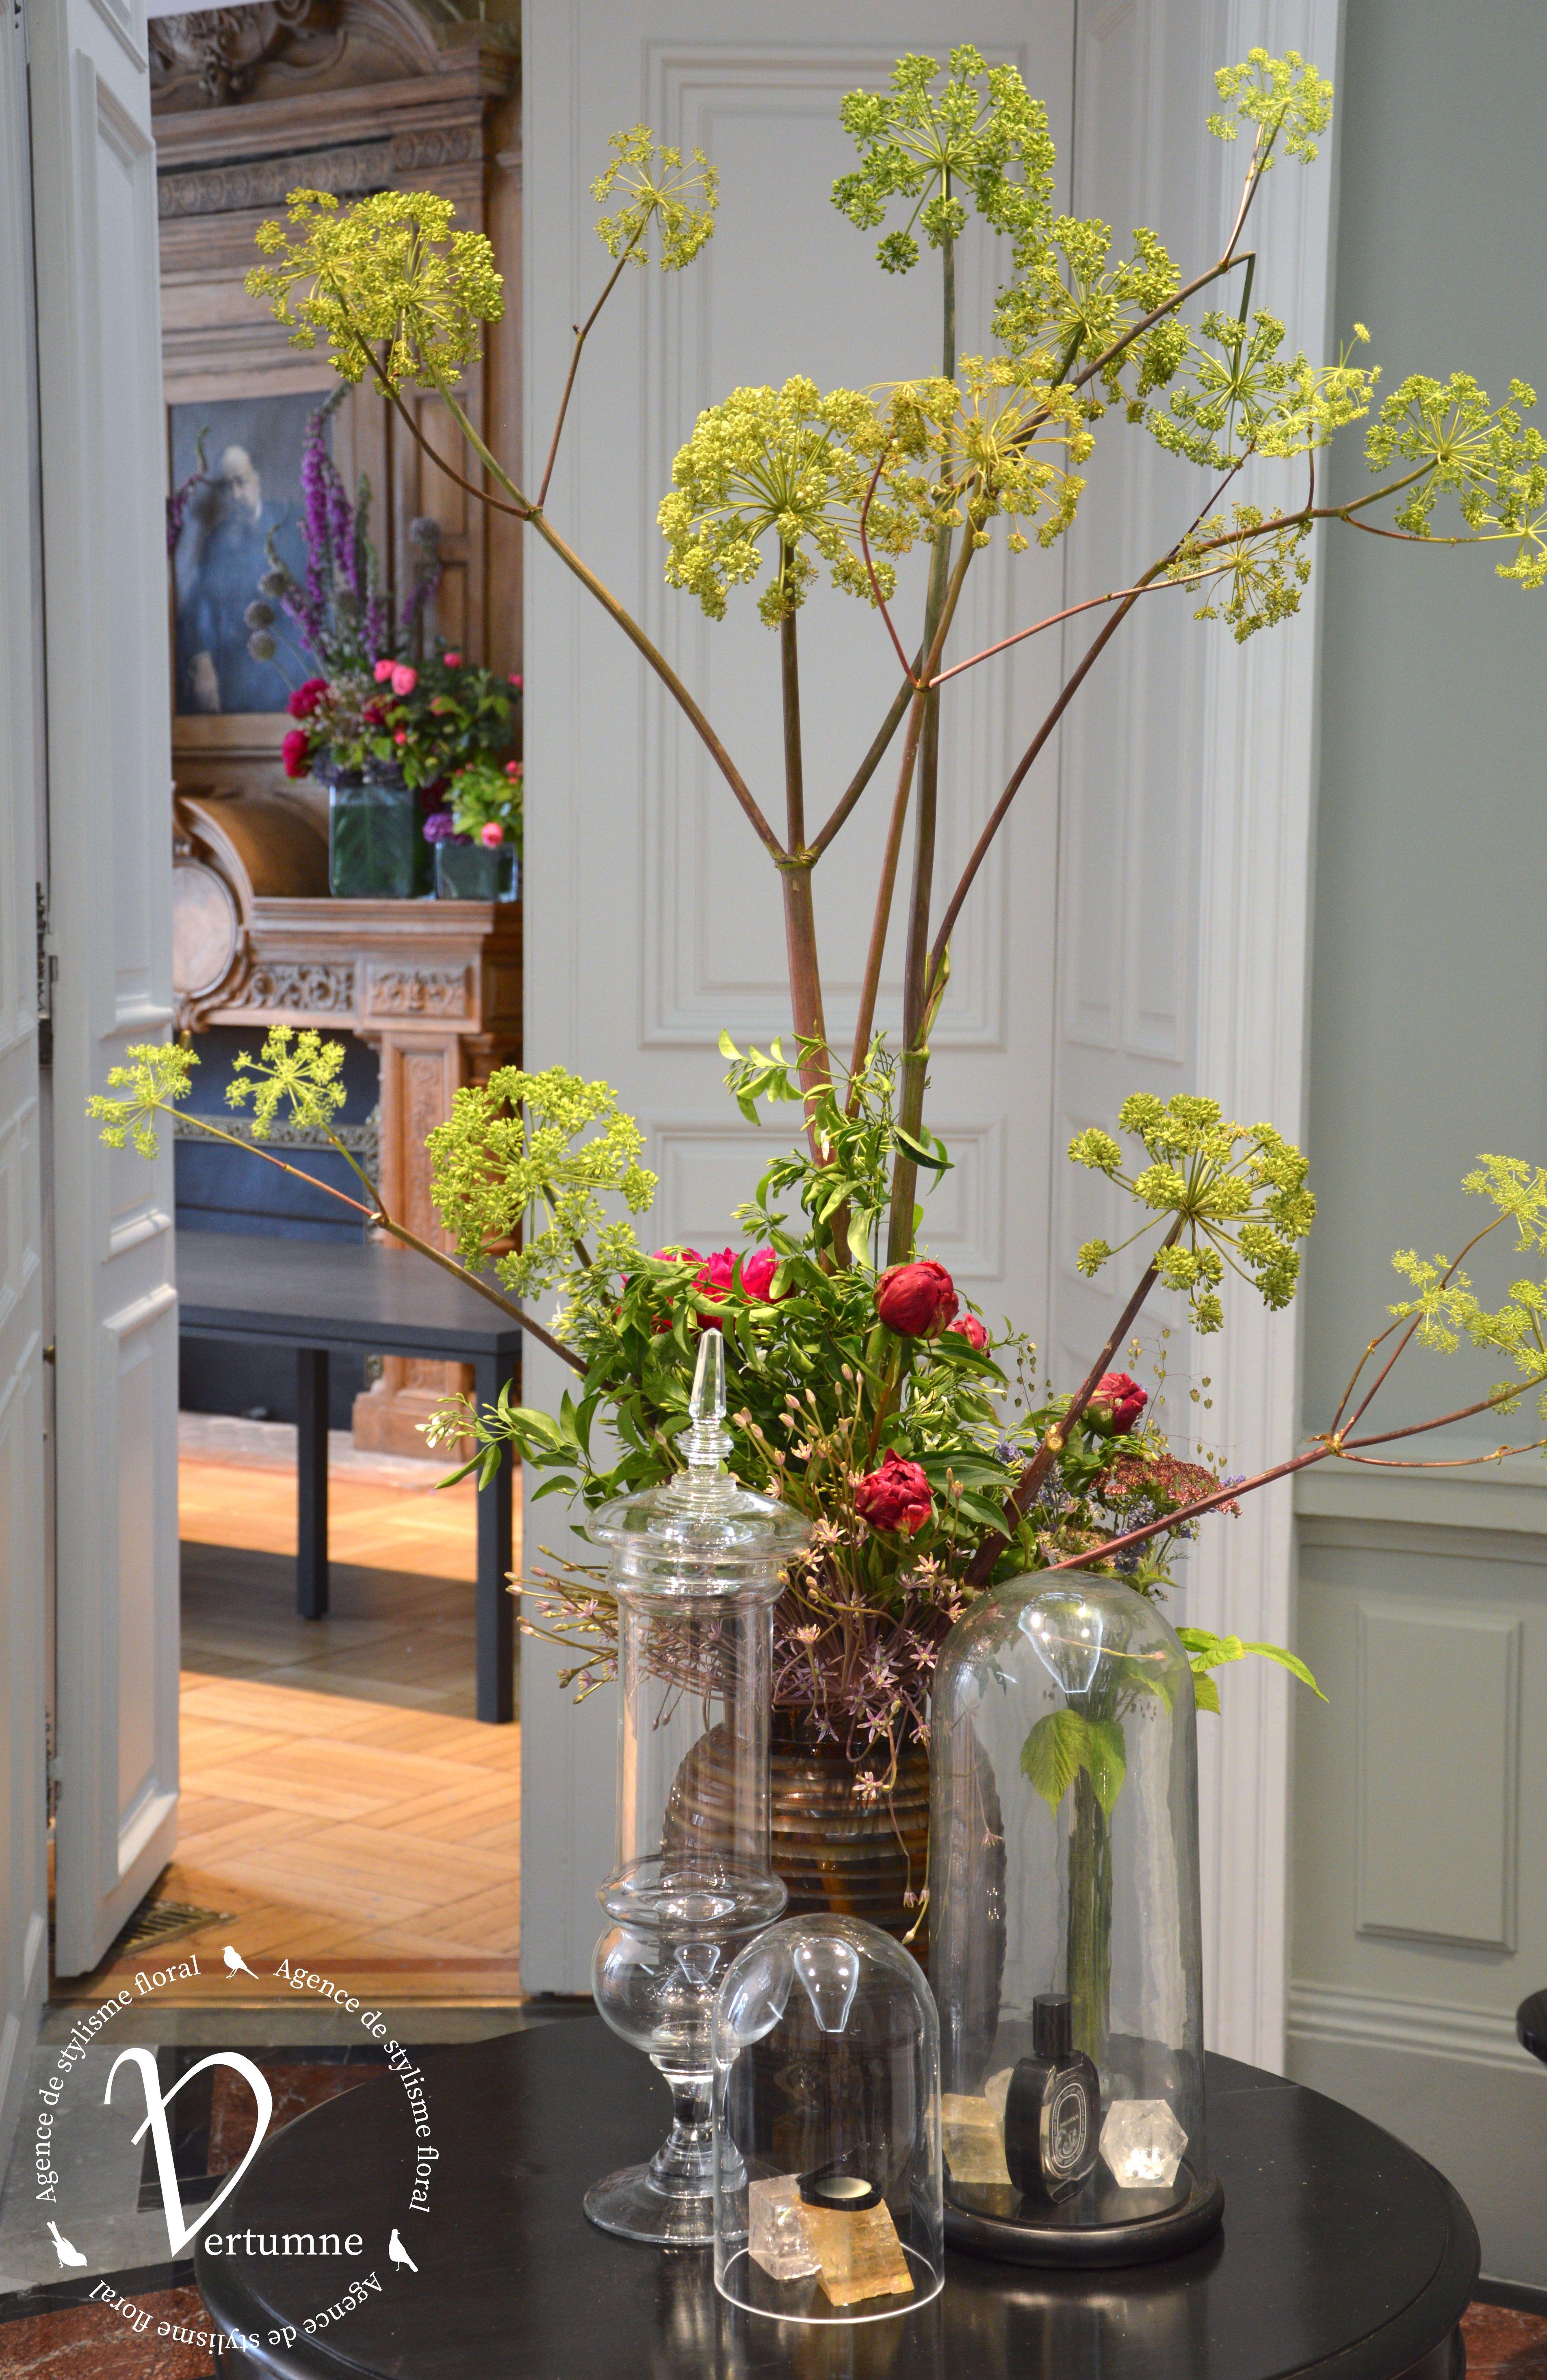 Soirée d'Inauguration des nouveaux bureaux Diptyque #floraldesign #ateliervertumne #vertumne #designfloral #stylismefloral #decorfloral #decoration #flower #fleuriste #clarisseberaud #fleursparis